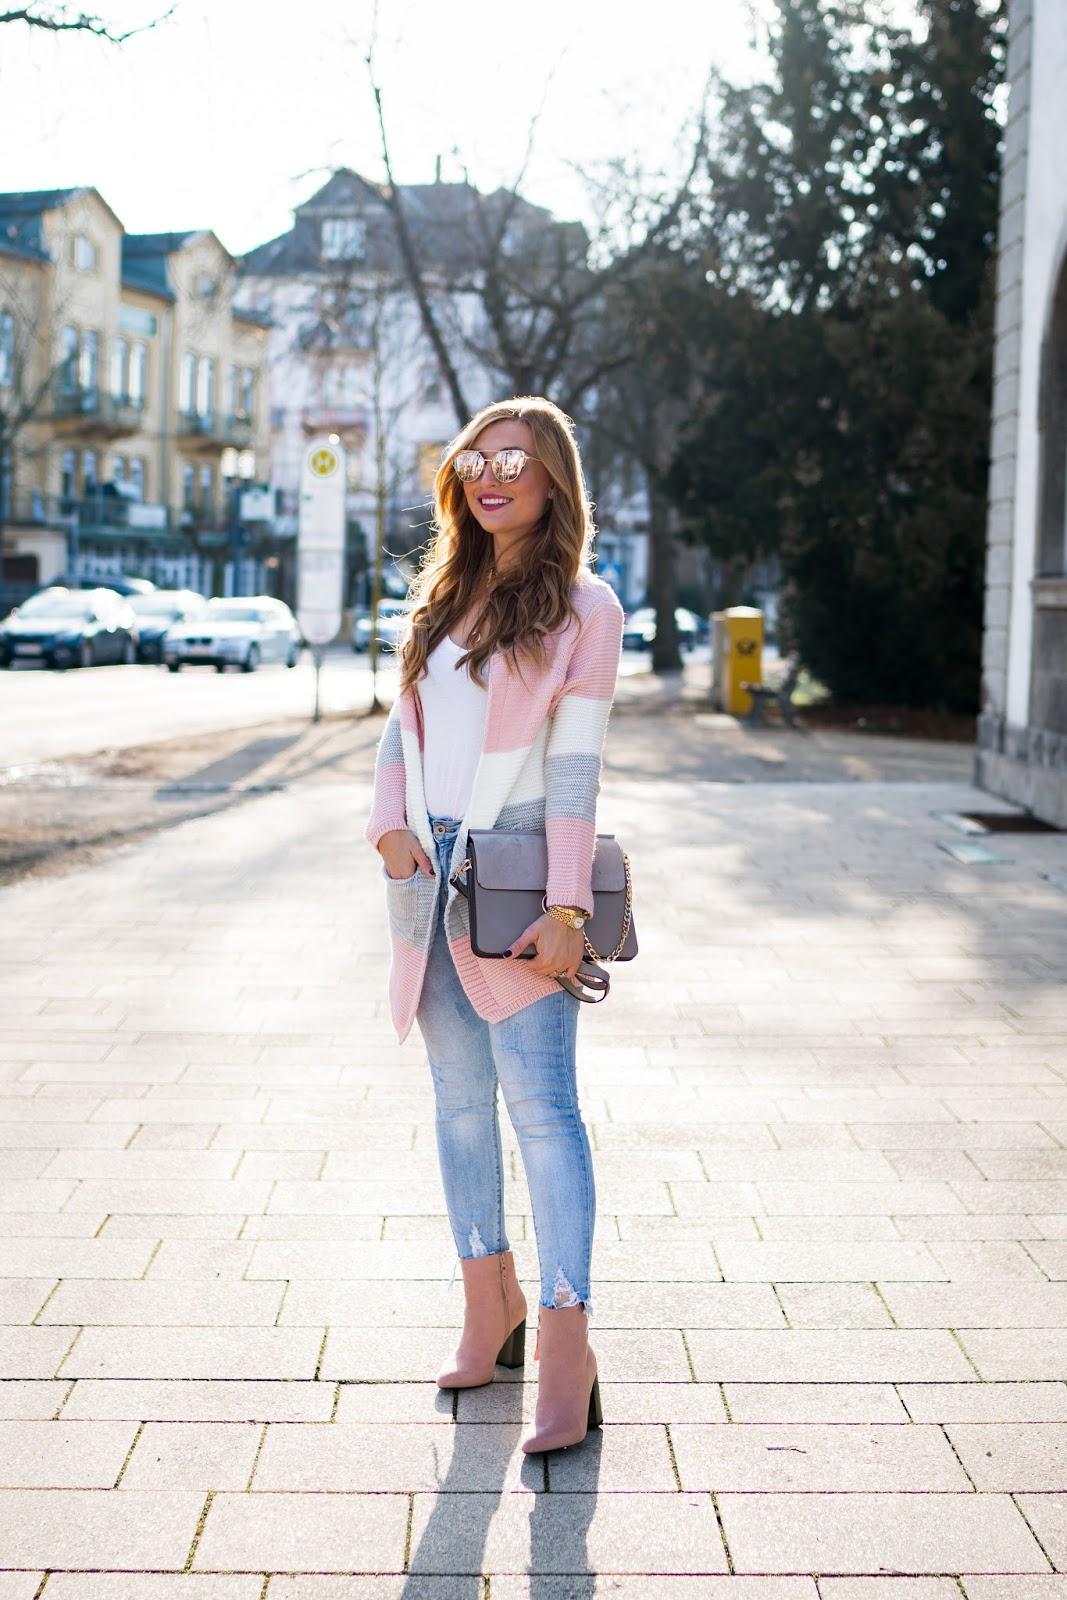 Trend-sommer-trend-chloe-tasche-chanel-brosche-verspiegelte-sonnenbrille-trend-bloggerstyle-pastell-strick-cardigan-bloggerstyle-blogger-aus-frankfurt-